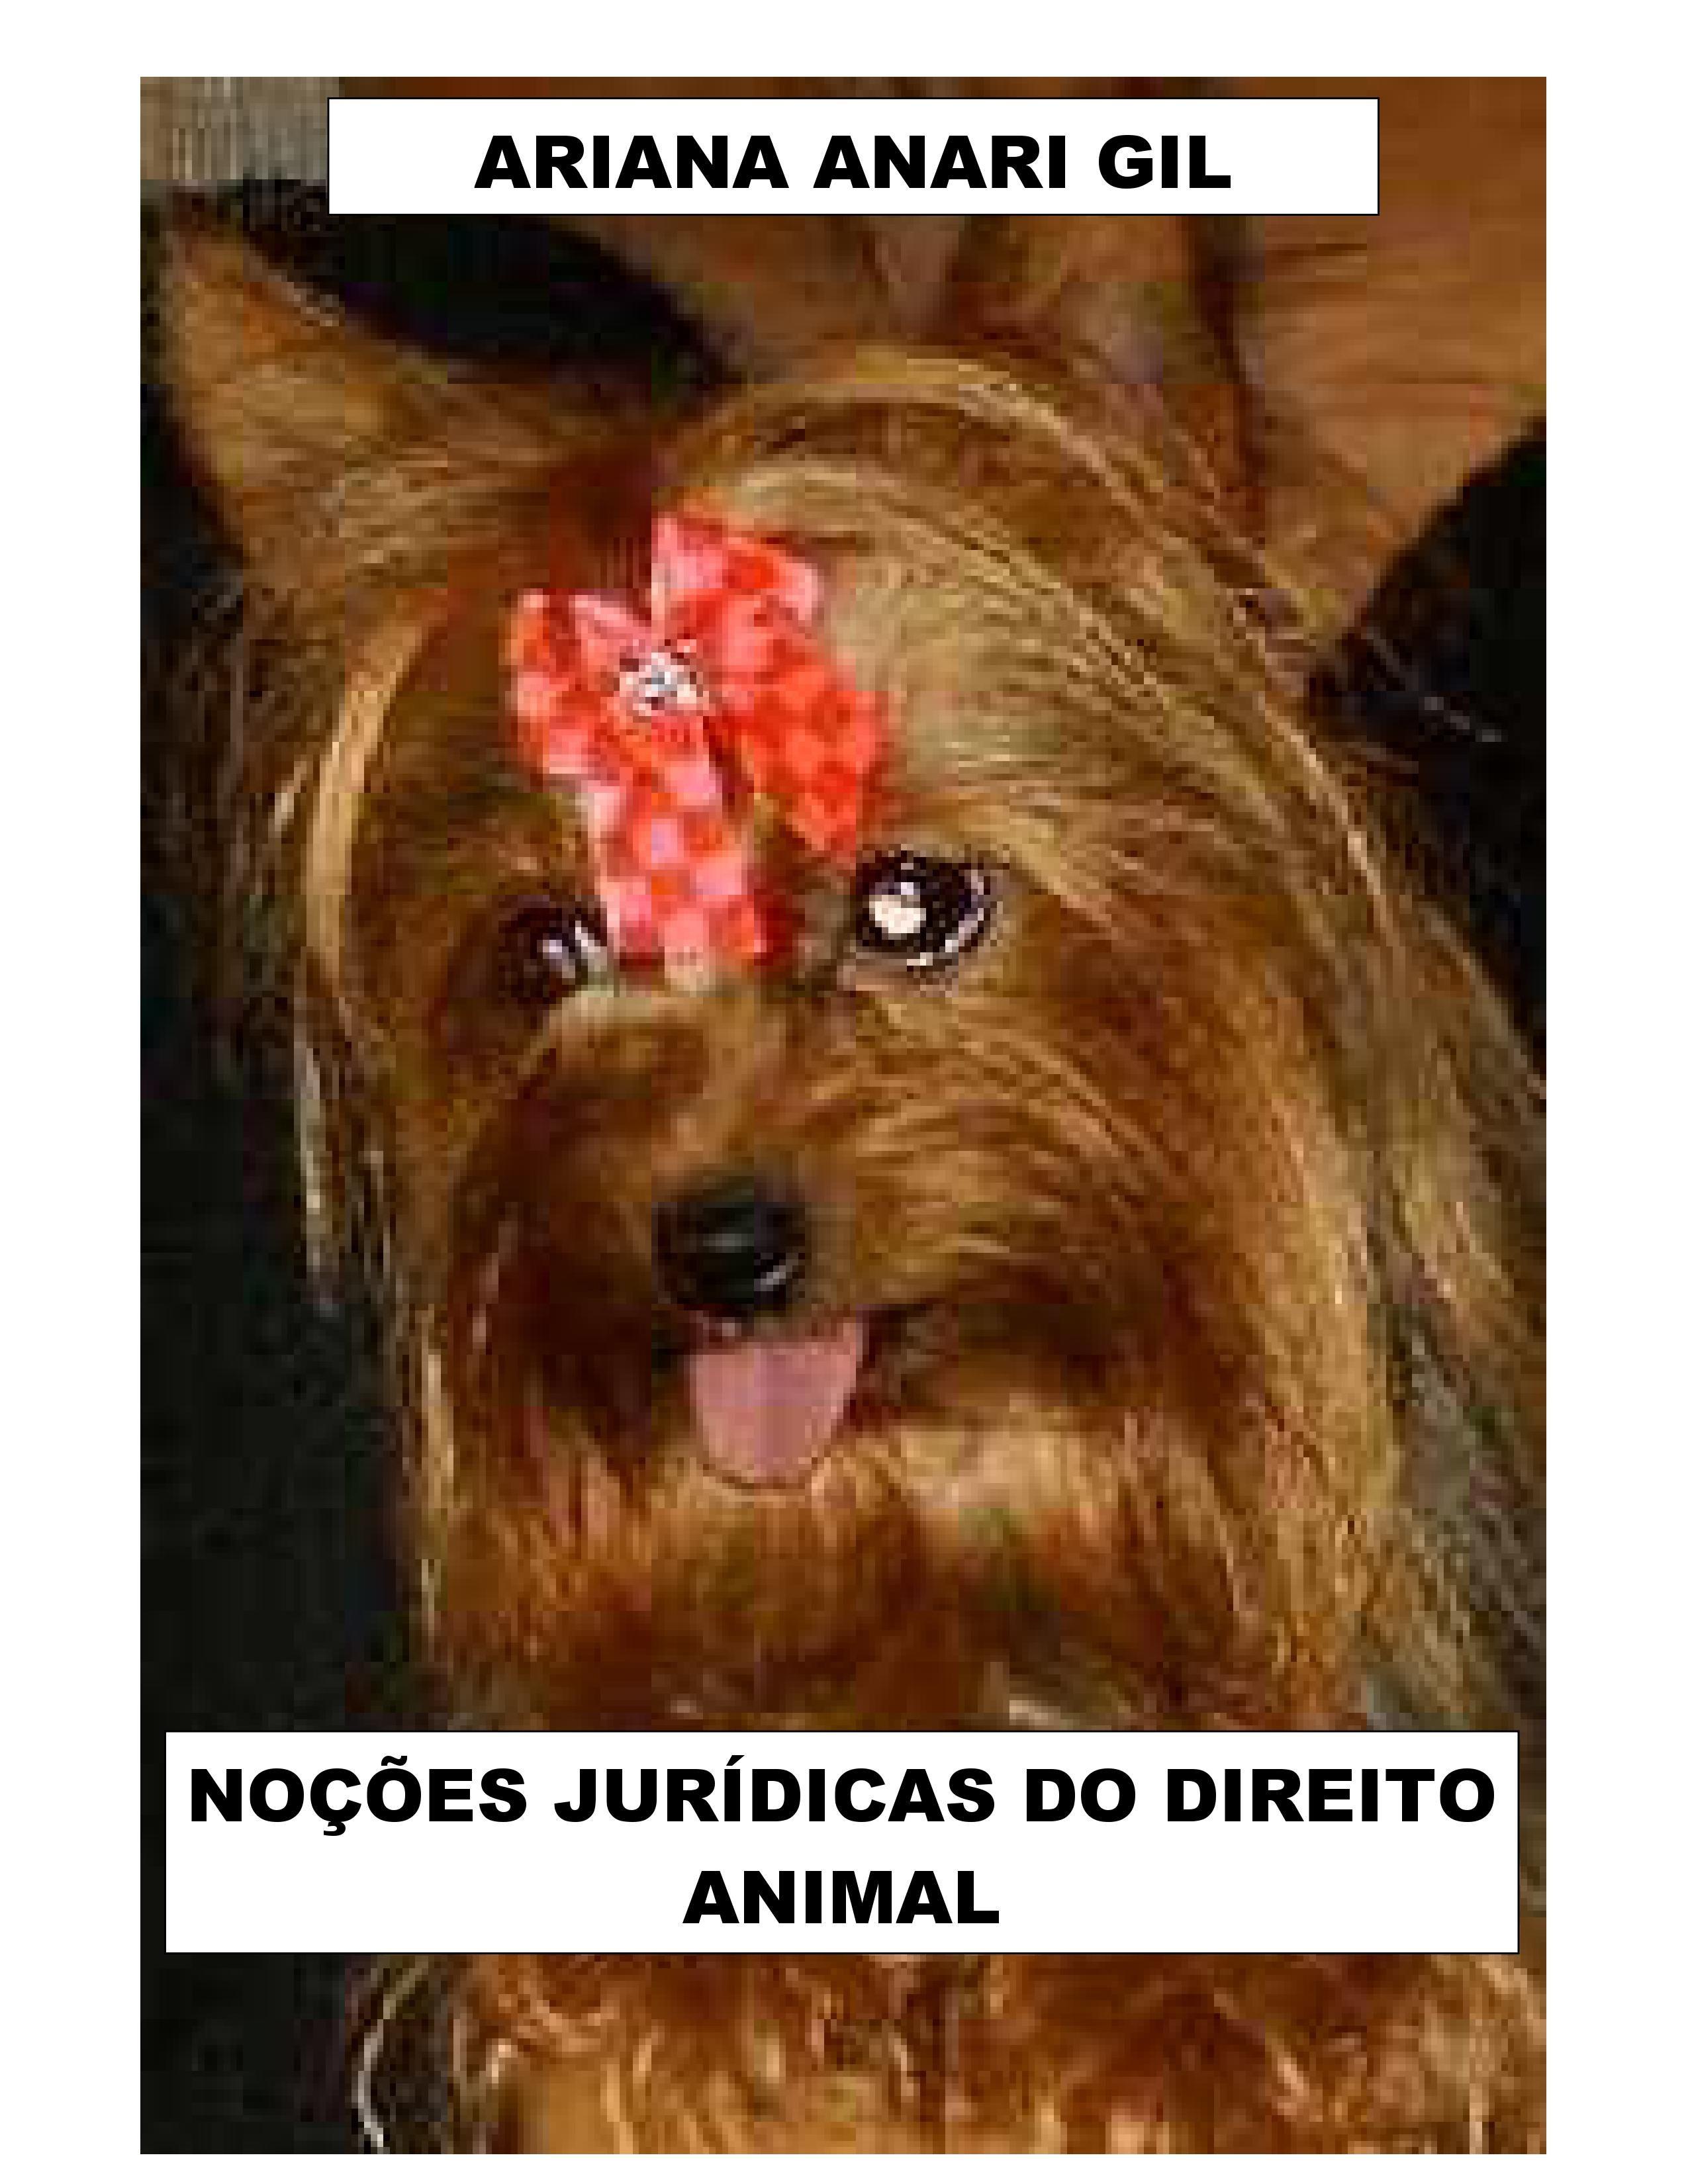 Noções Jurídicas do Direito Animal